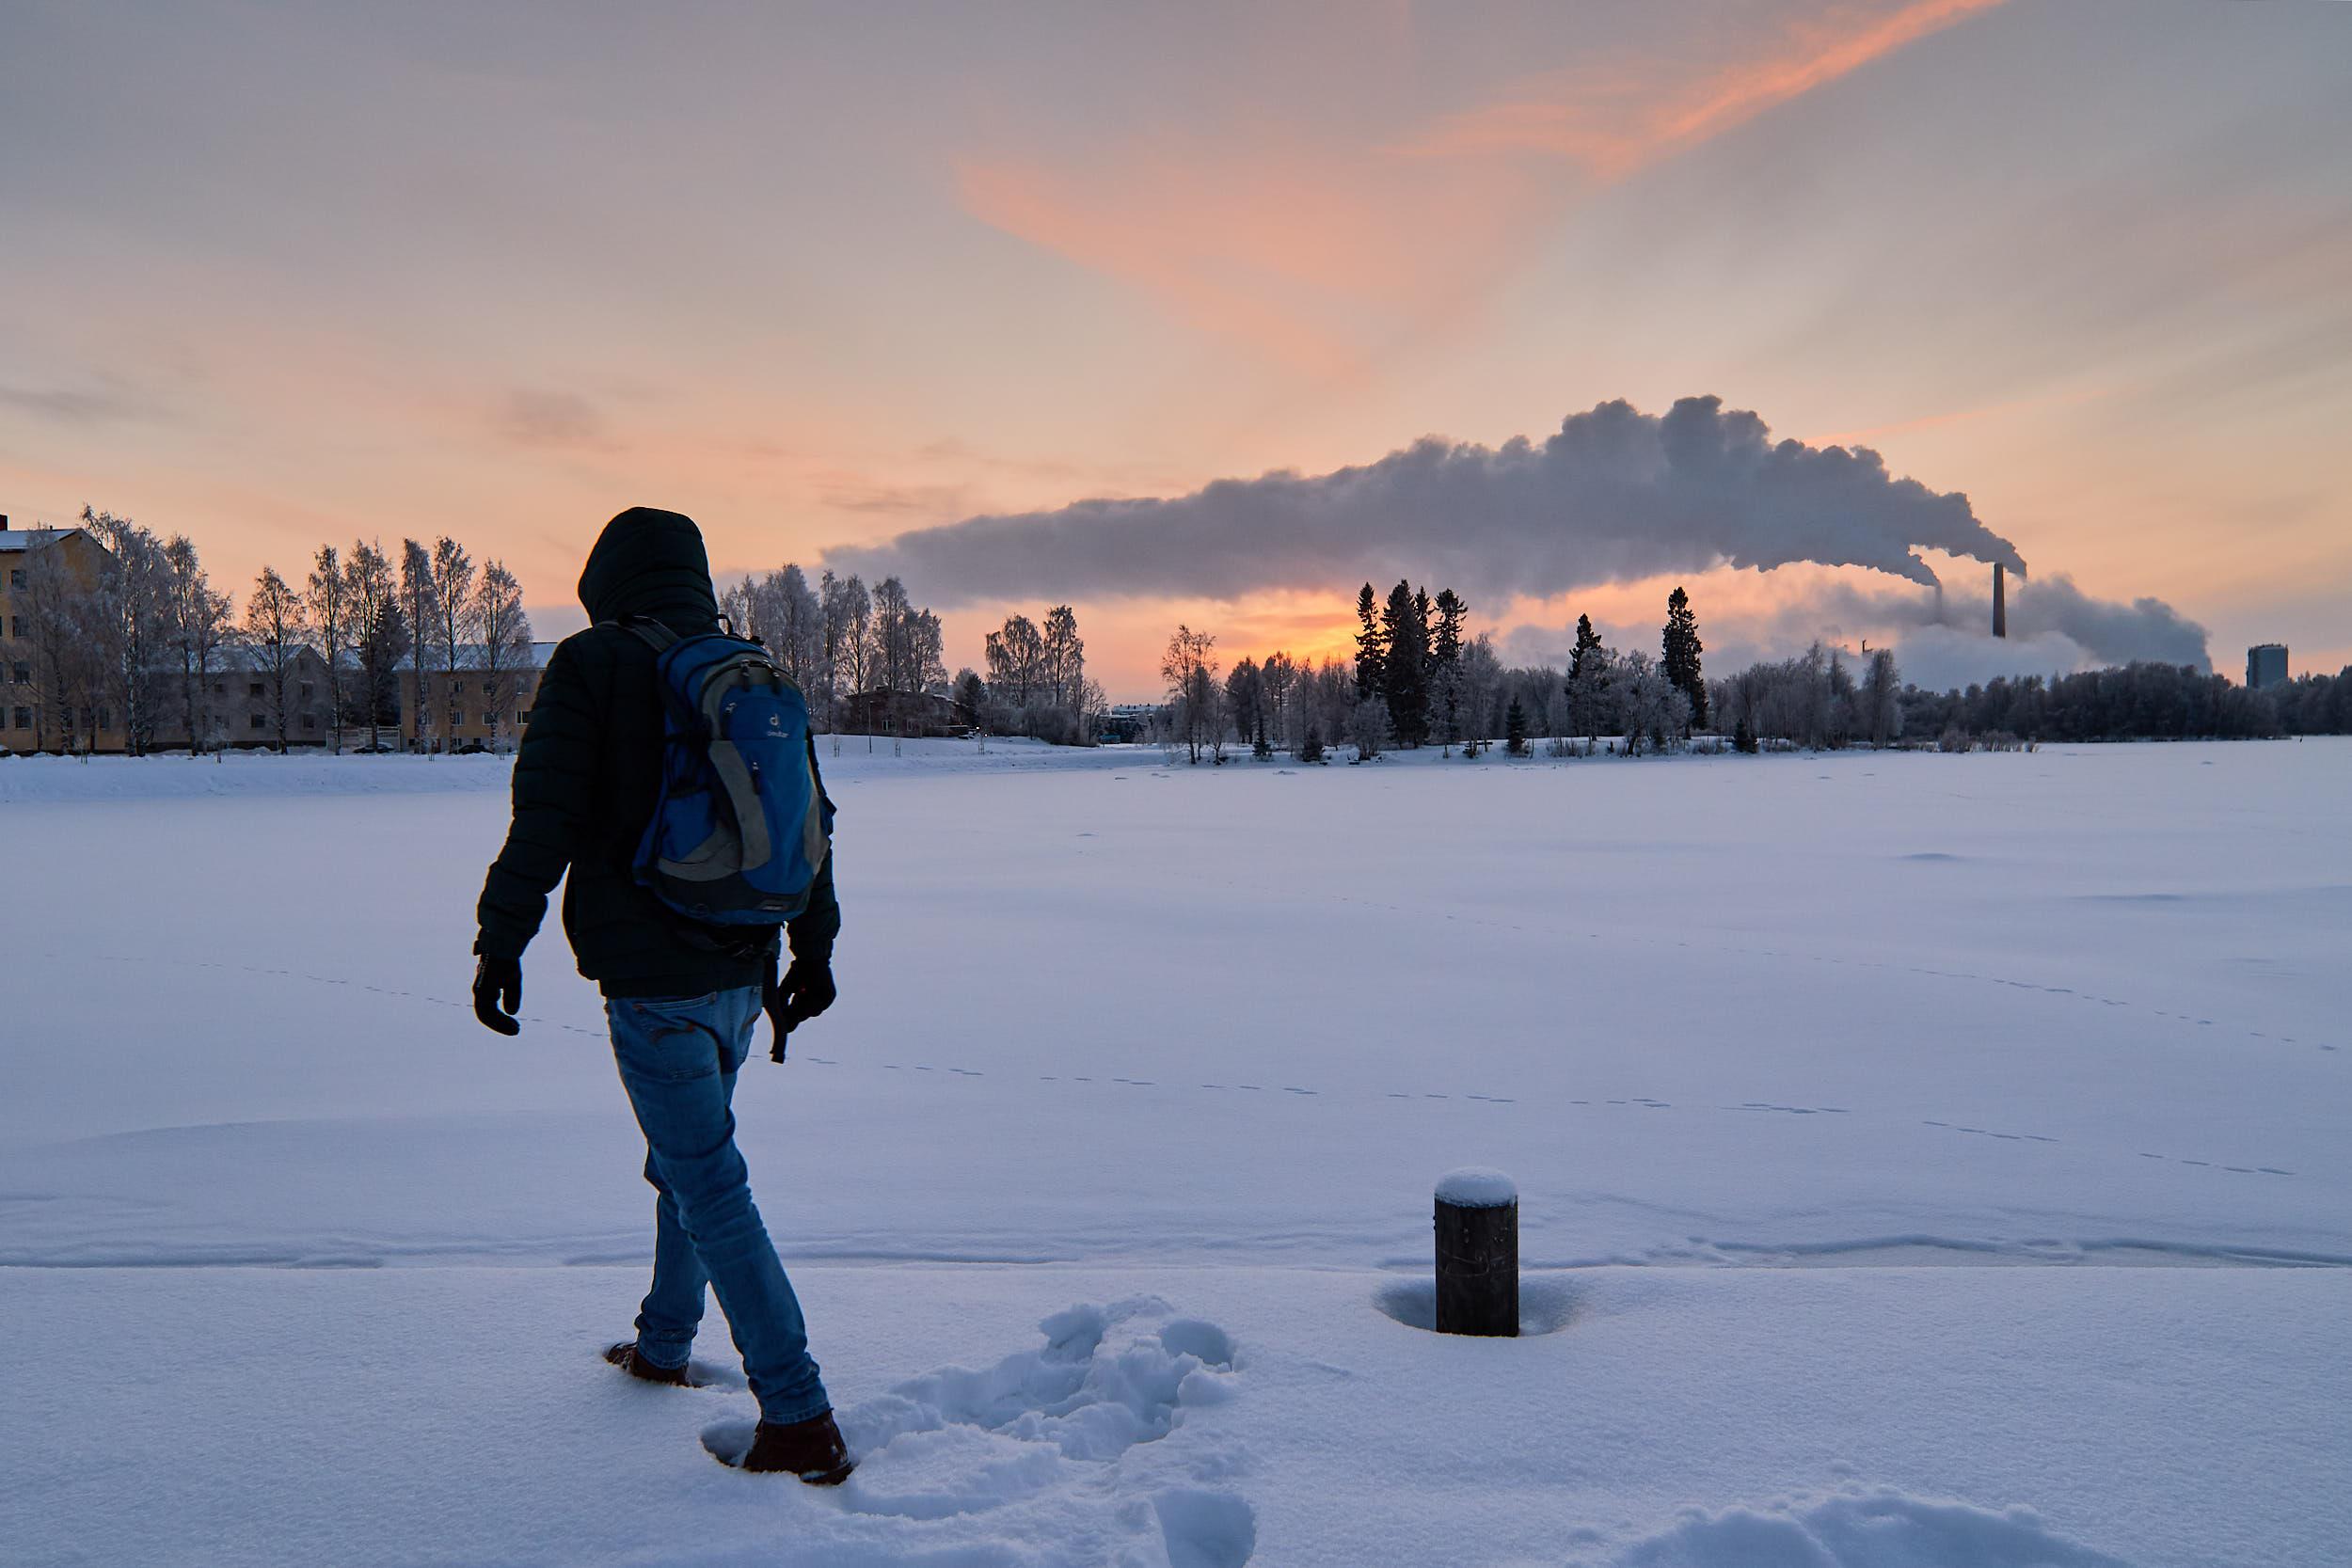 15 mm - 2019-01-17 14.56.55 - Oulu Week 3 Mix.jpg